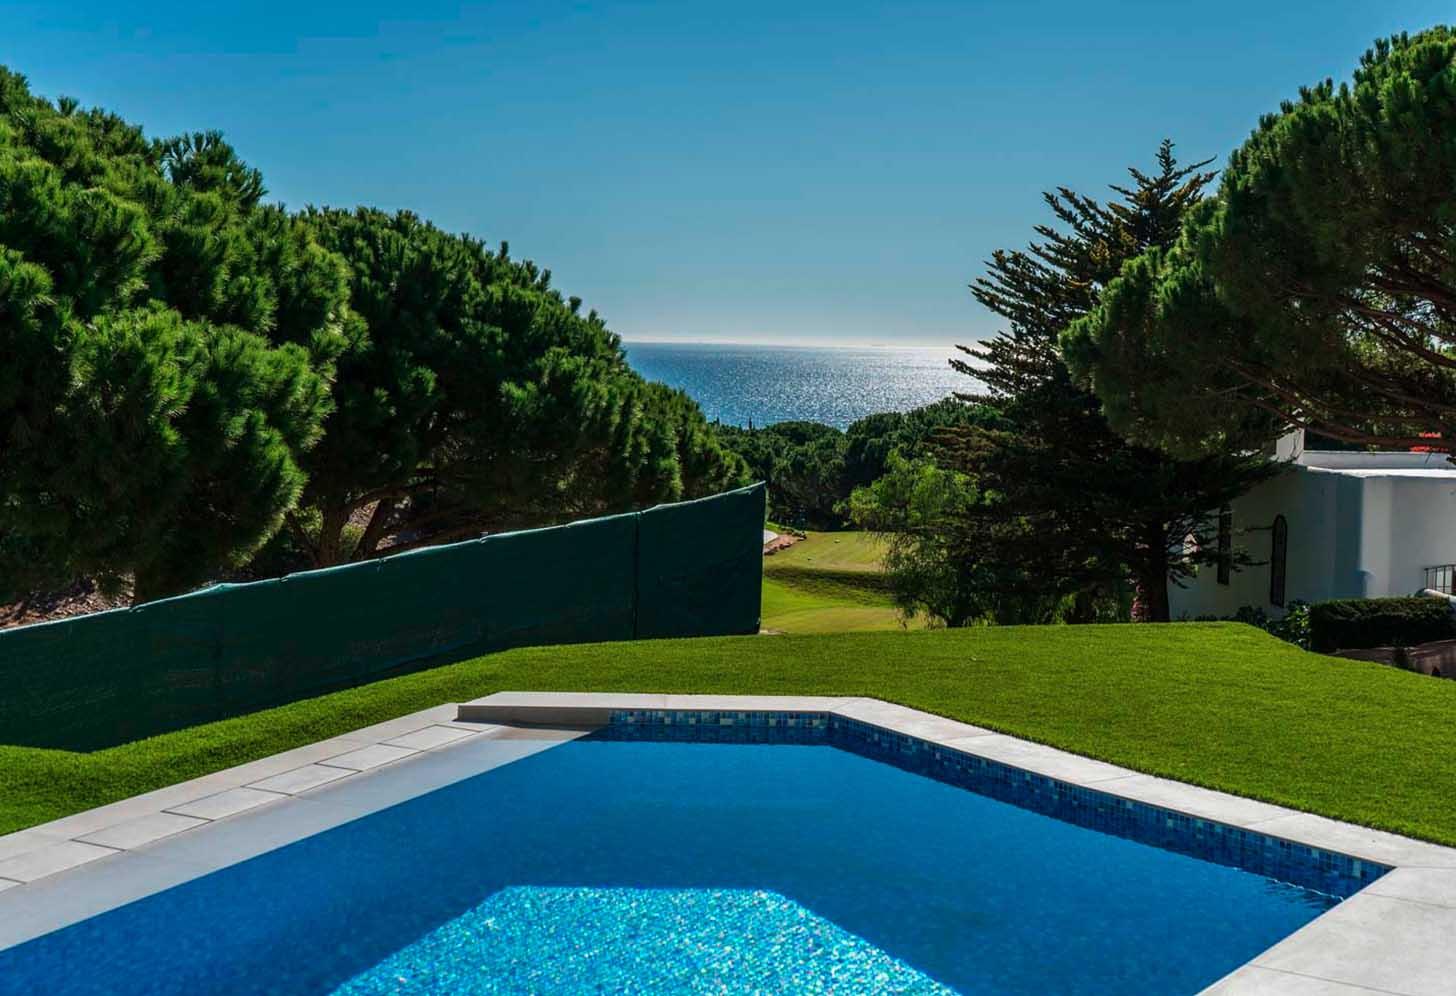 immobilier neuf espagne costa sol marbella piscine